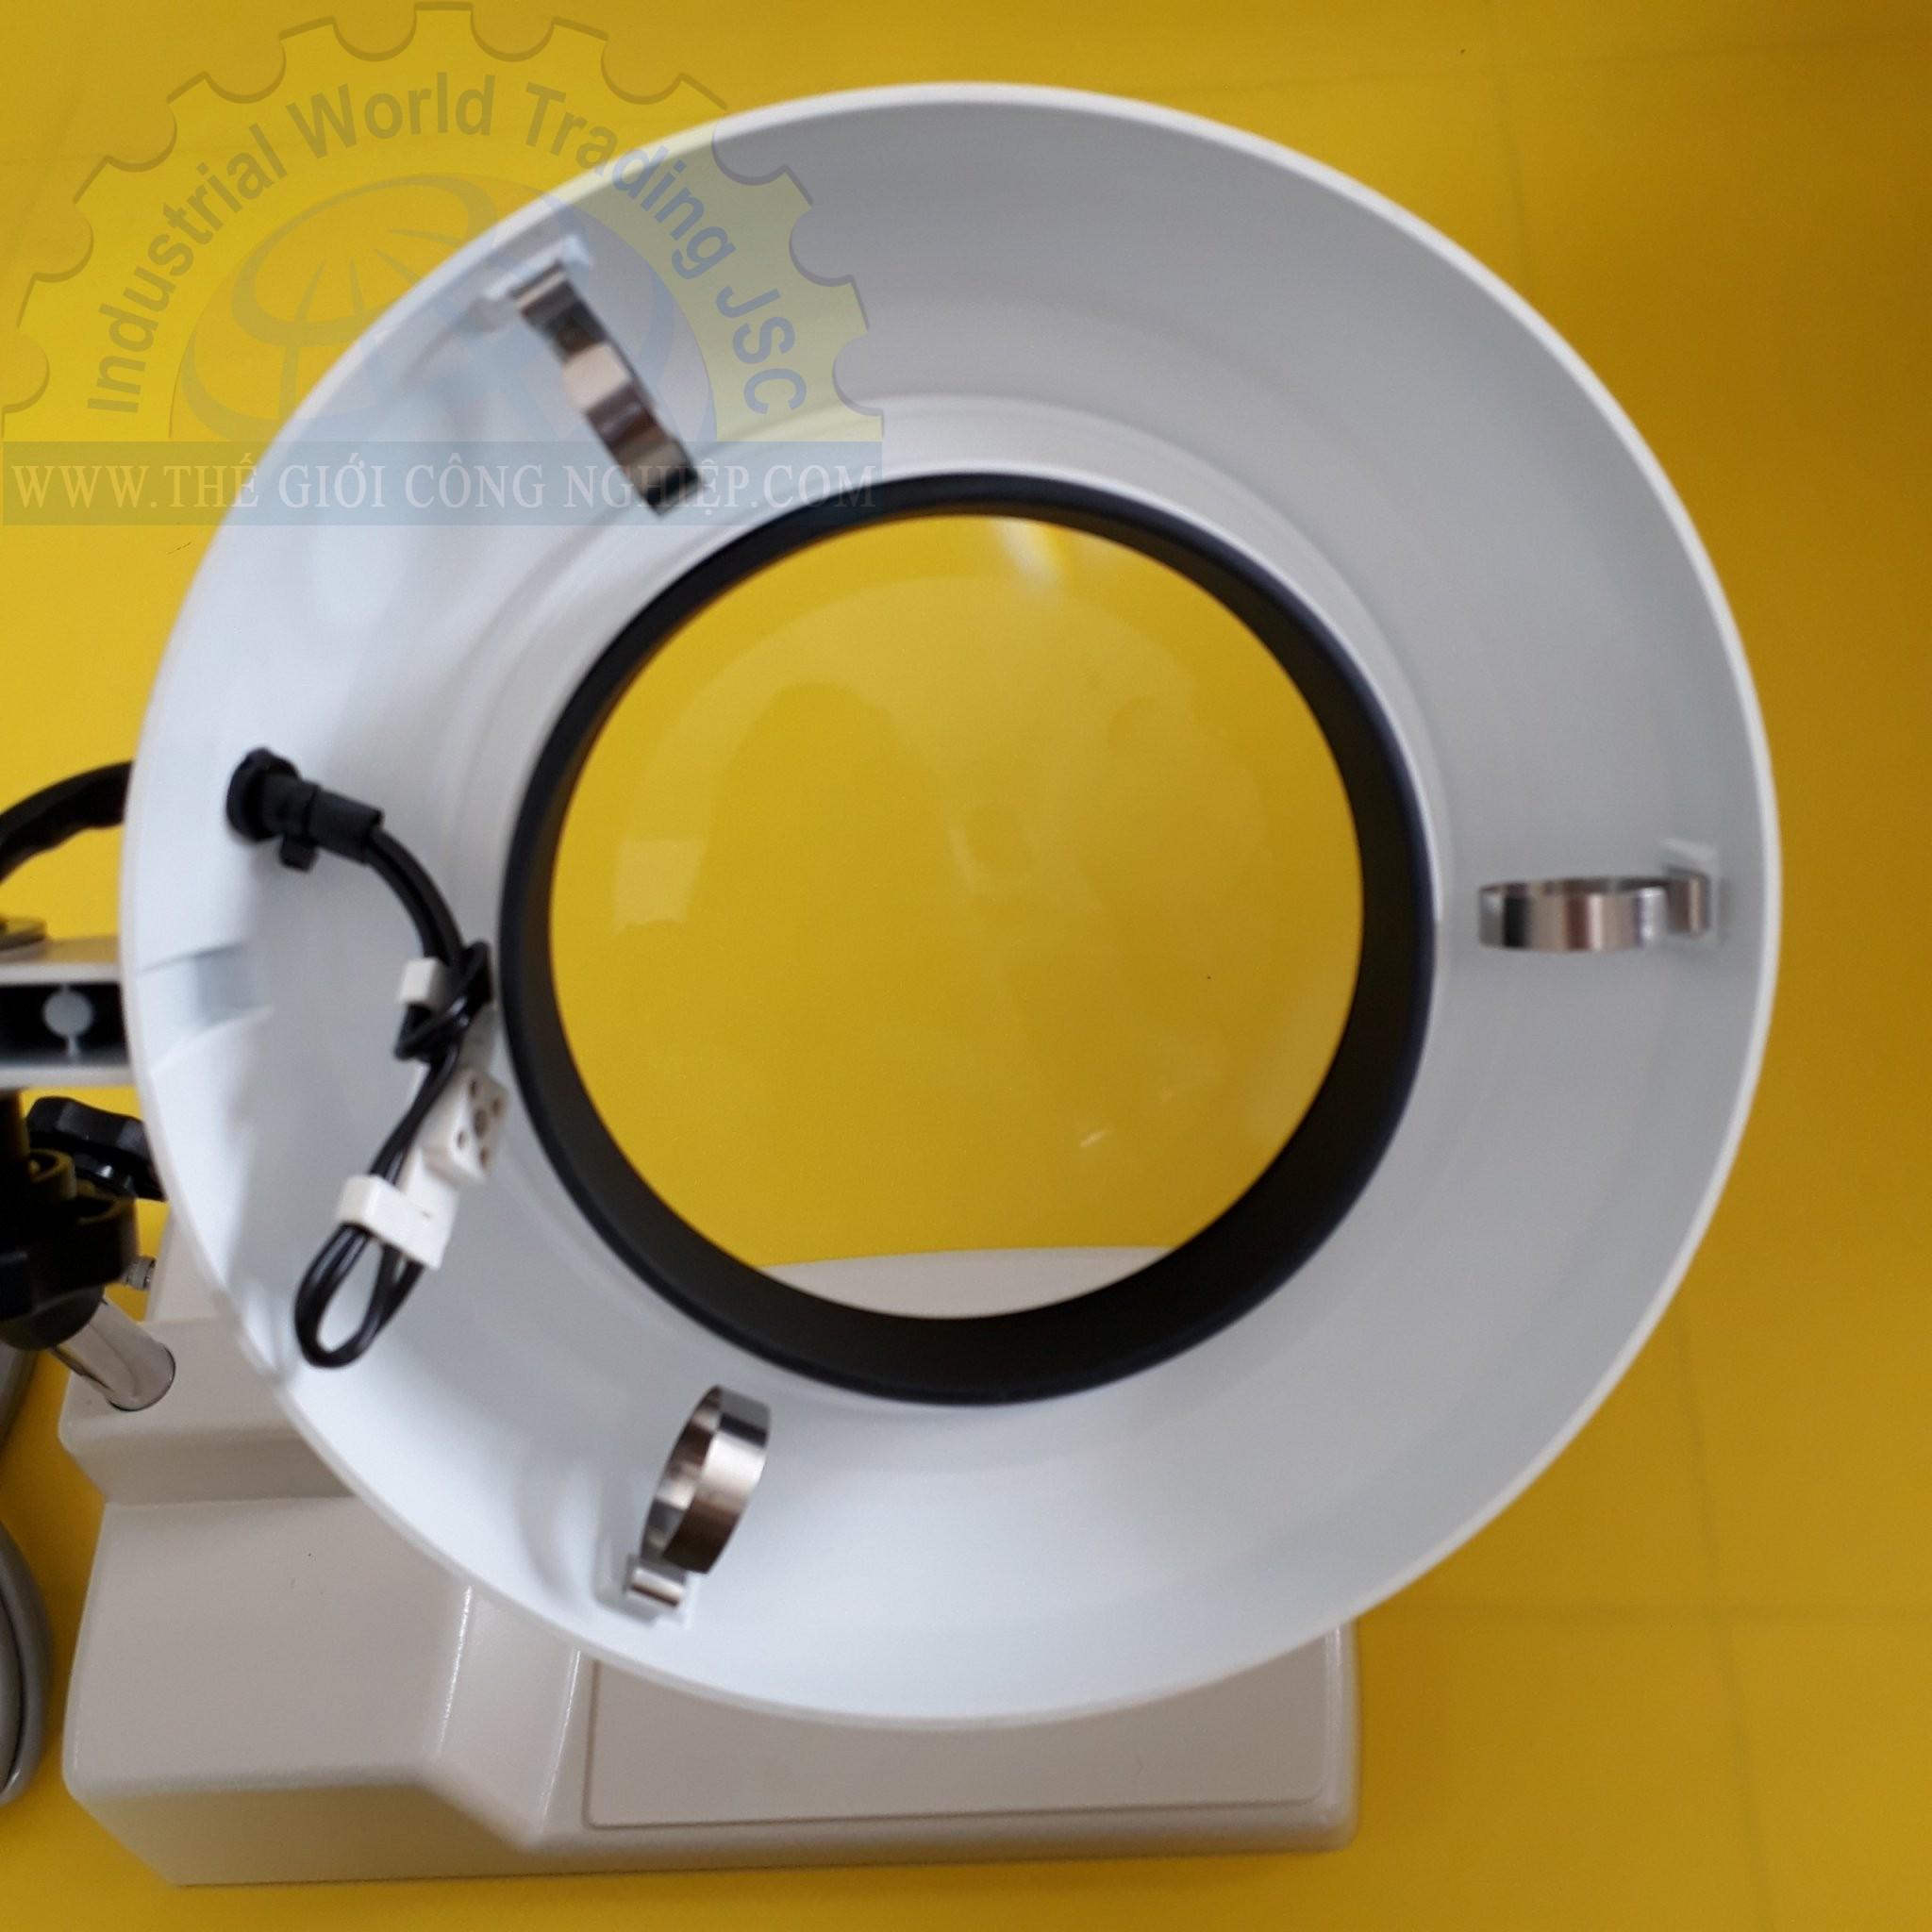 Kính lúp để bàn dùng đèn huỳnh quang có độ phóng đại 4 lần illuminated Light Scope SKK-B 4X OTSUKA